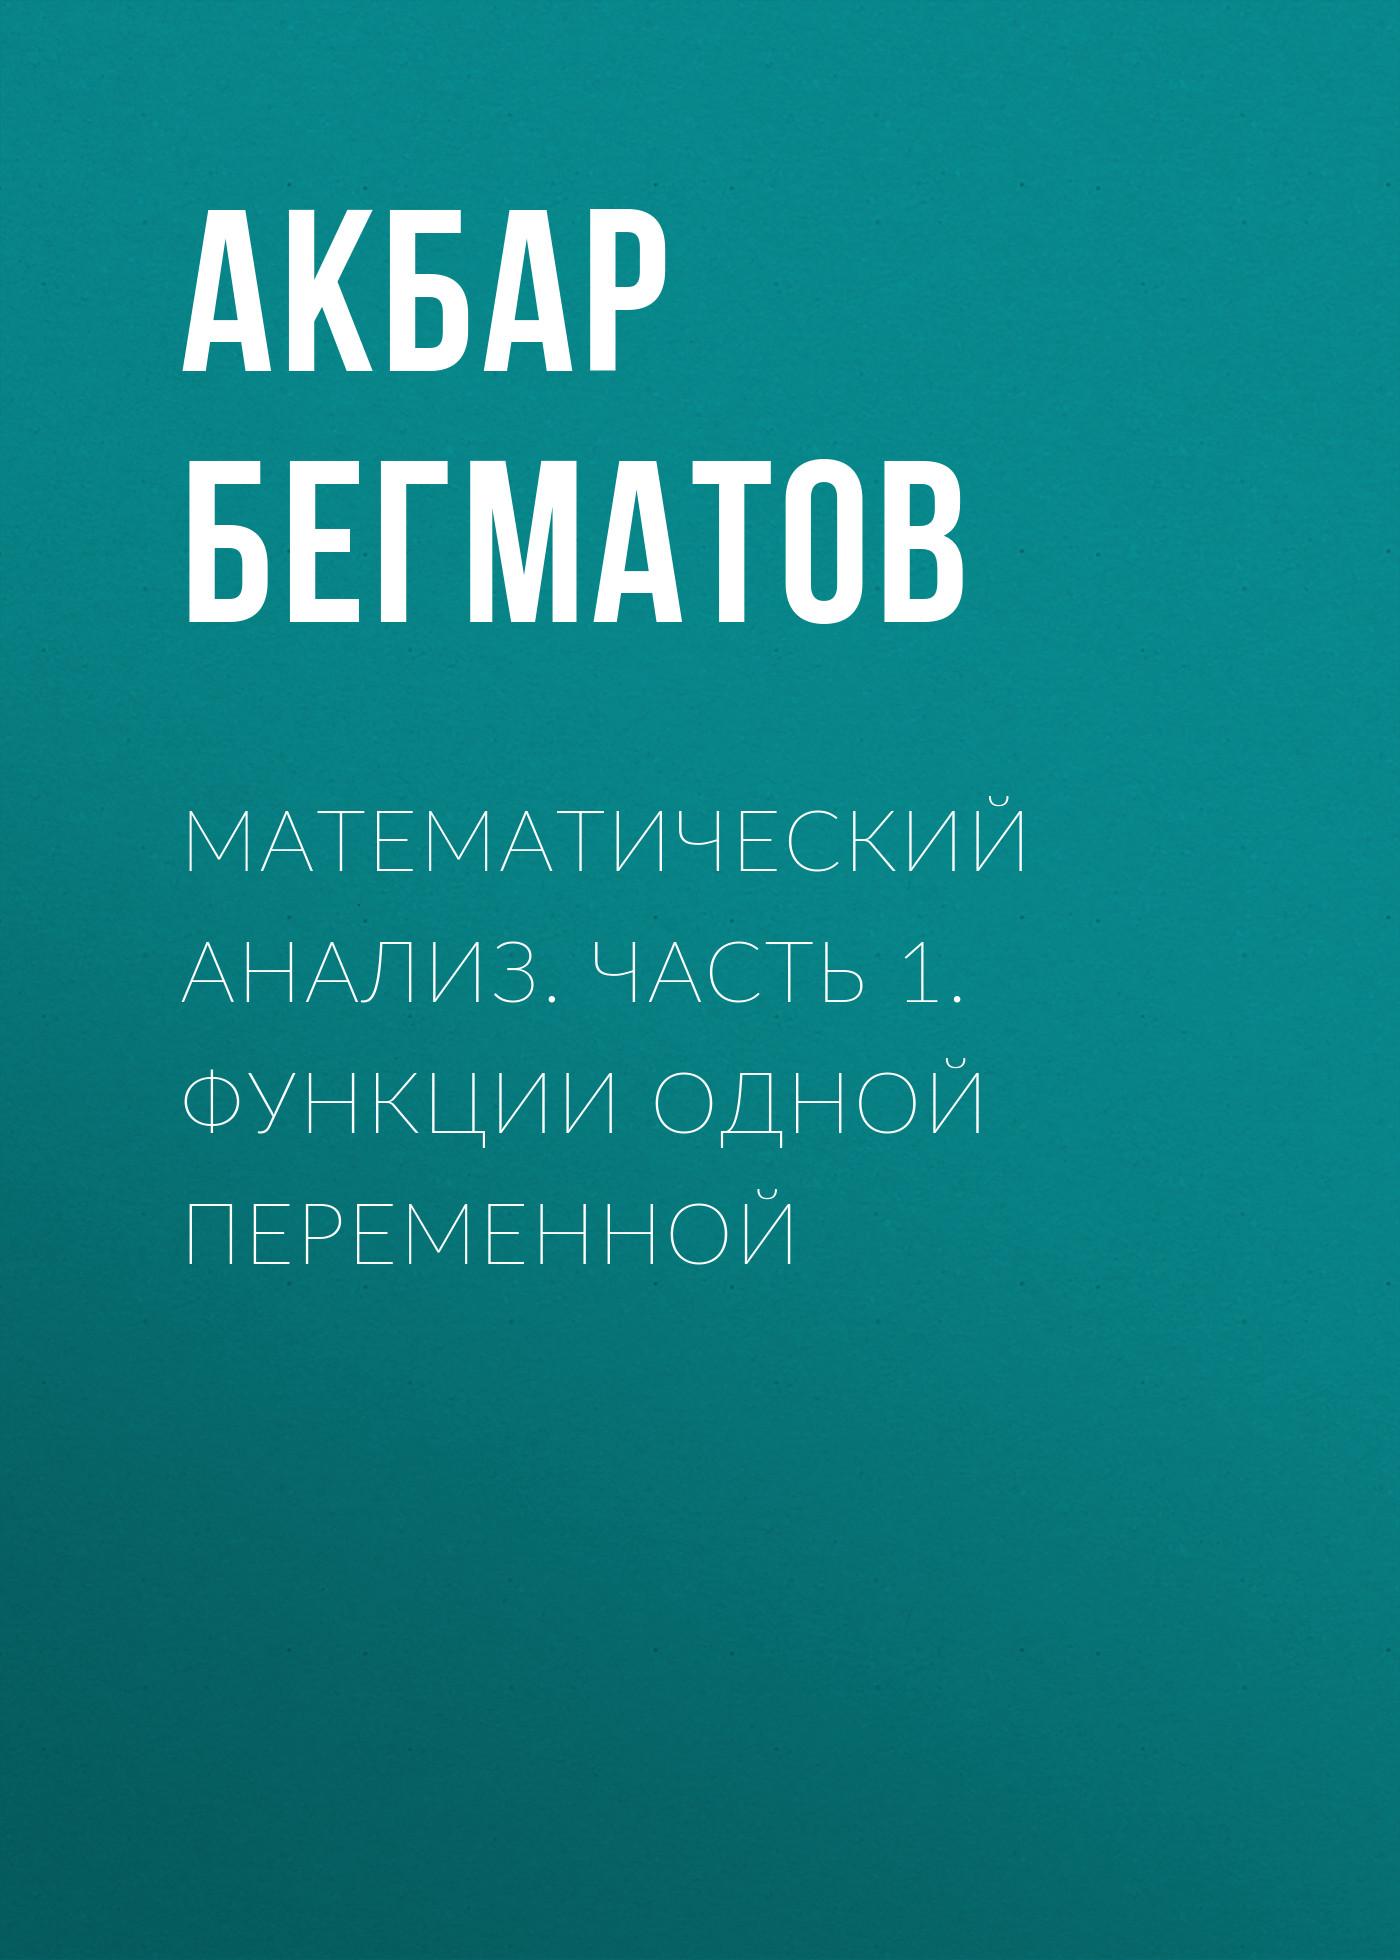 Акбар Бегматов Математический анализ. Часть 1. Функции одной переменной сергей шерстов математика предел функции дифференциальное и интегральное исчисление функций одной переменной